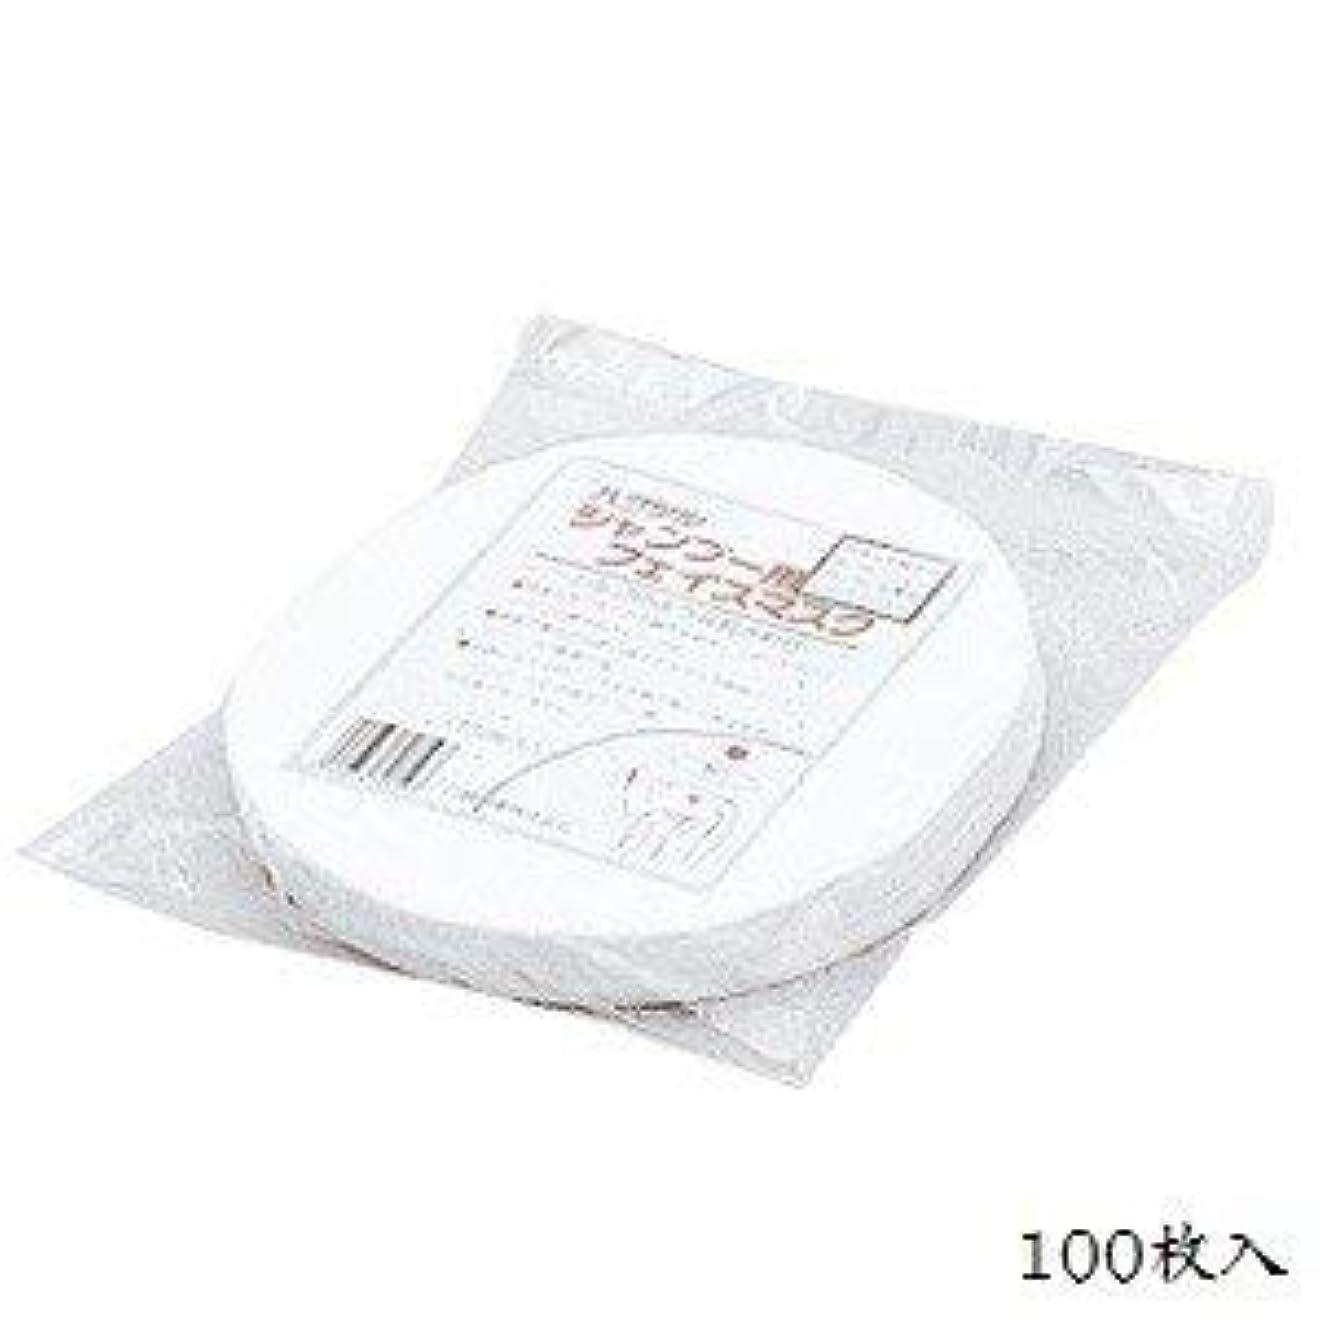 社員句添加剤白鶴 シャンプー用フェイスマスク 100枚入